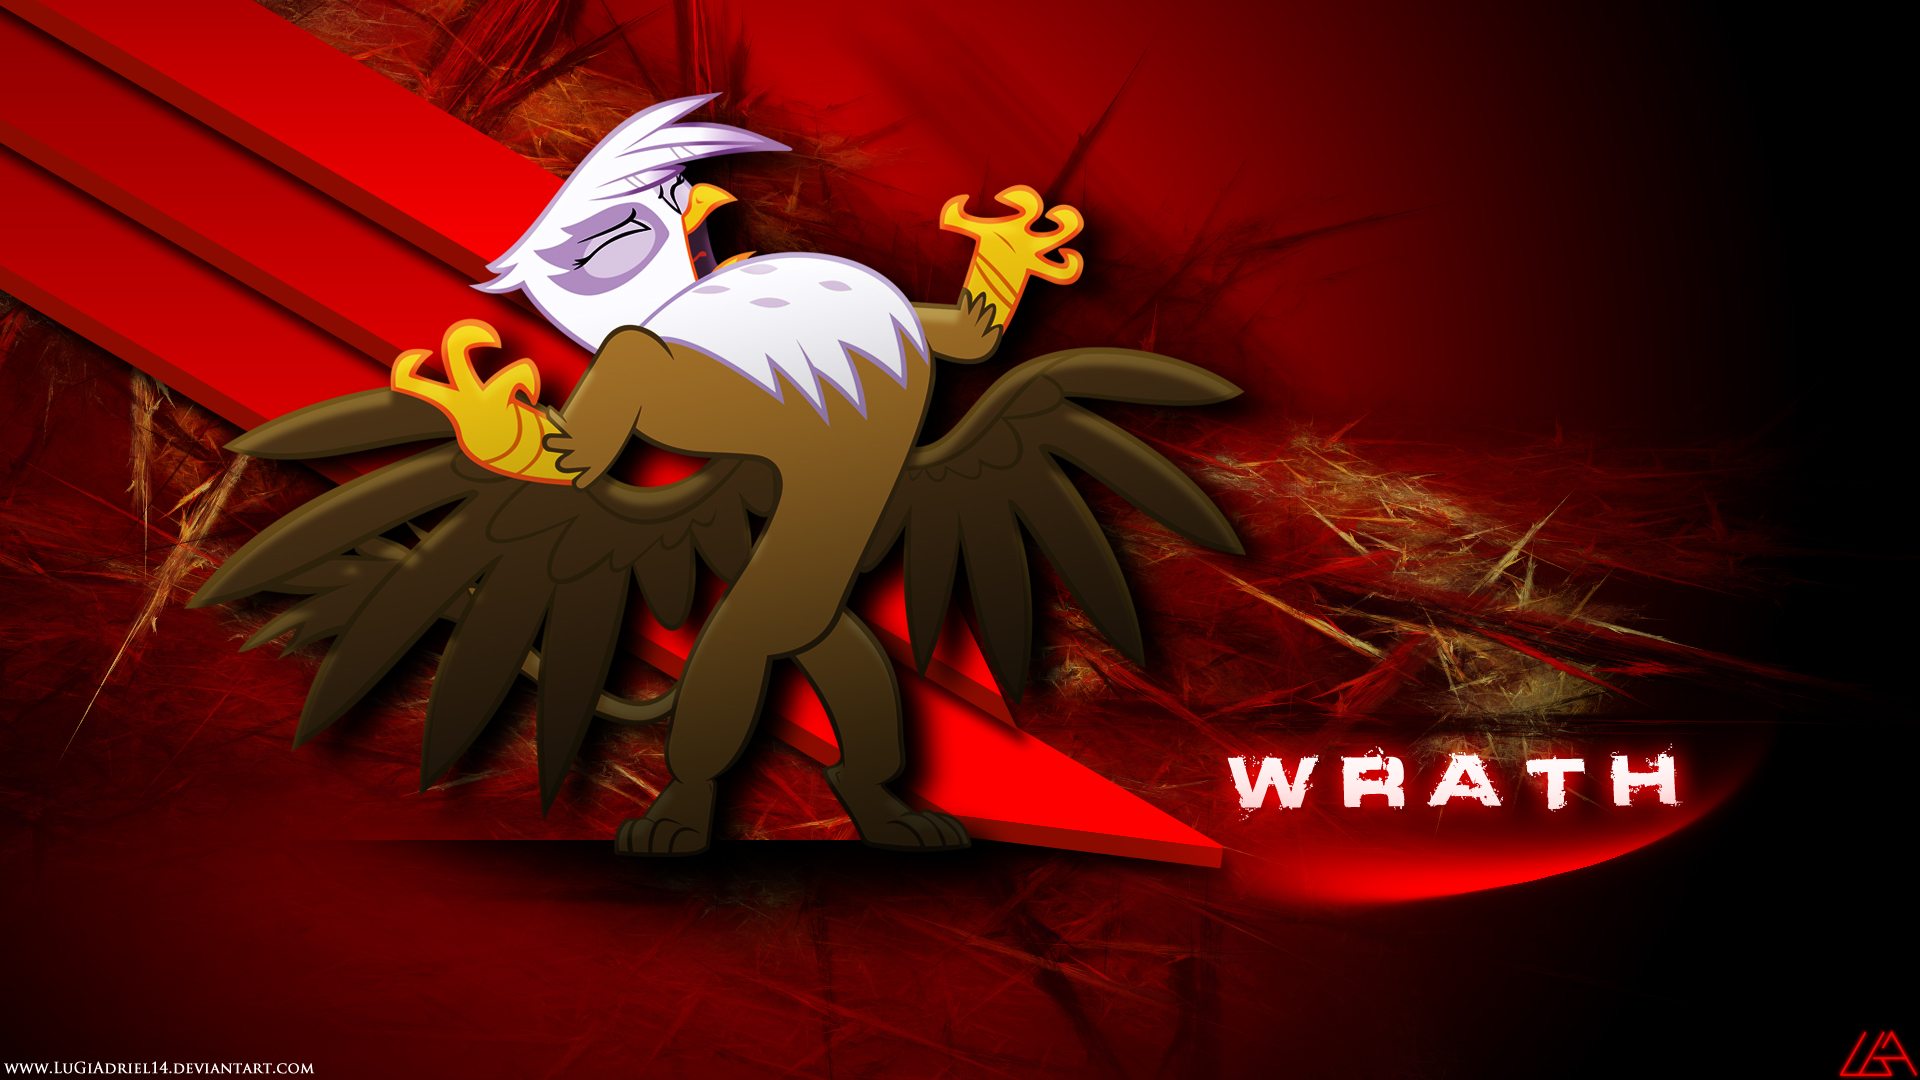 Wrath by LuGiAdriel14 and MUMEPR